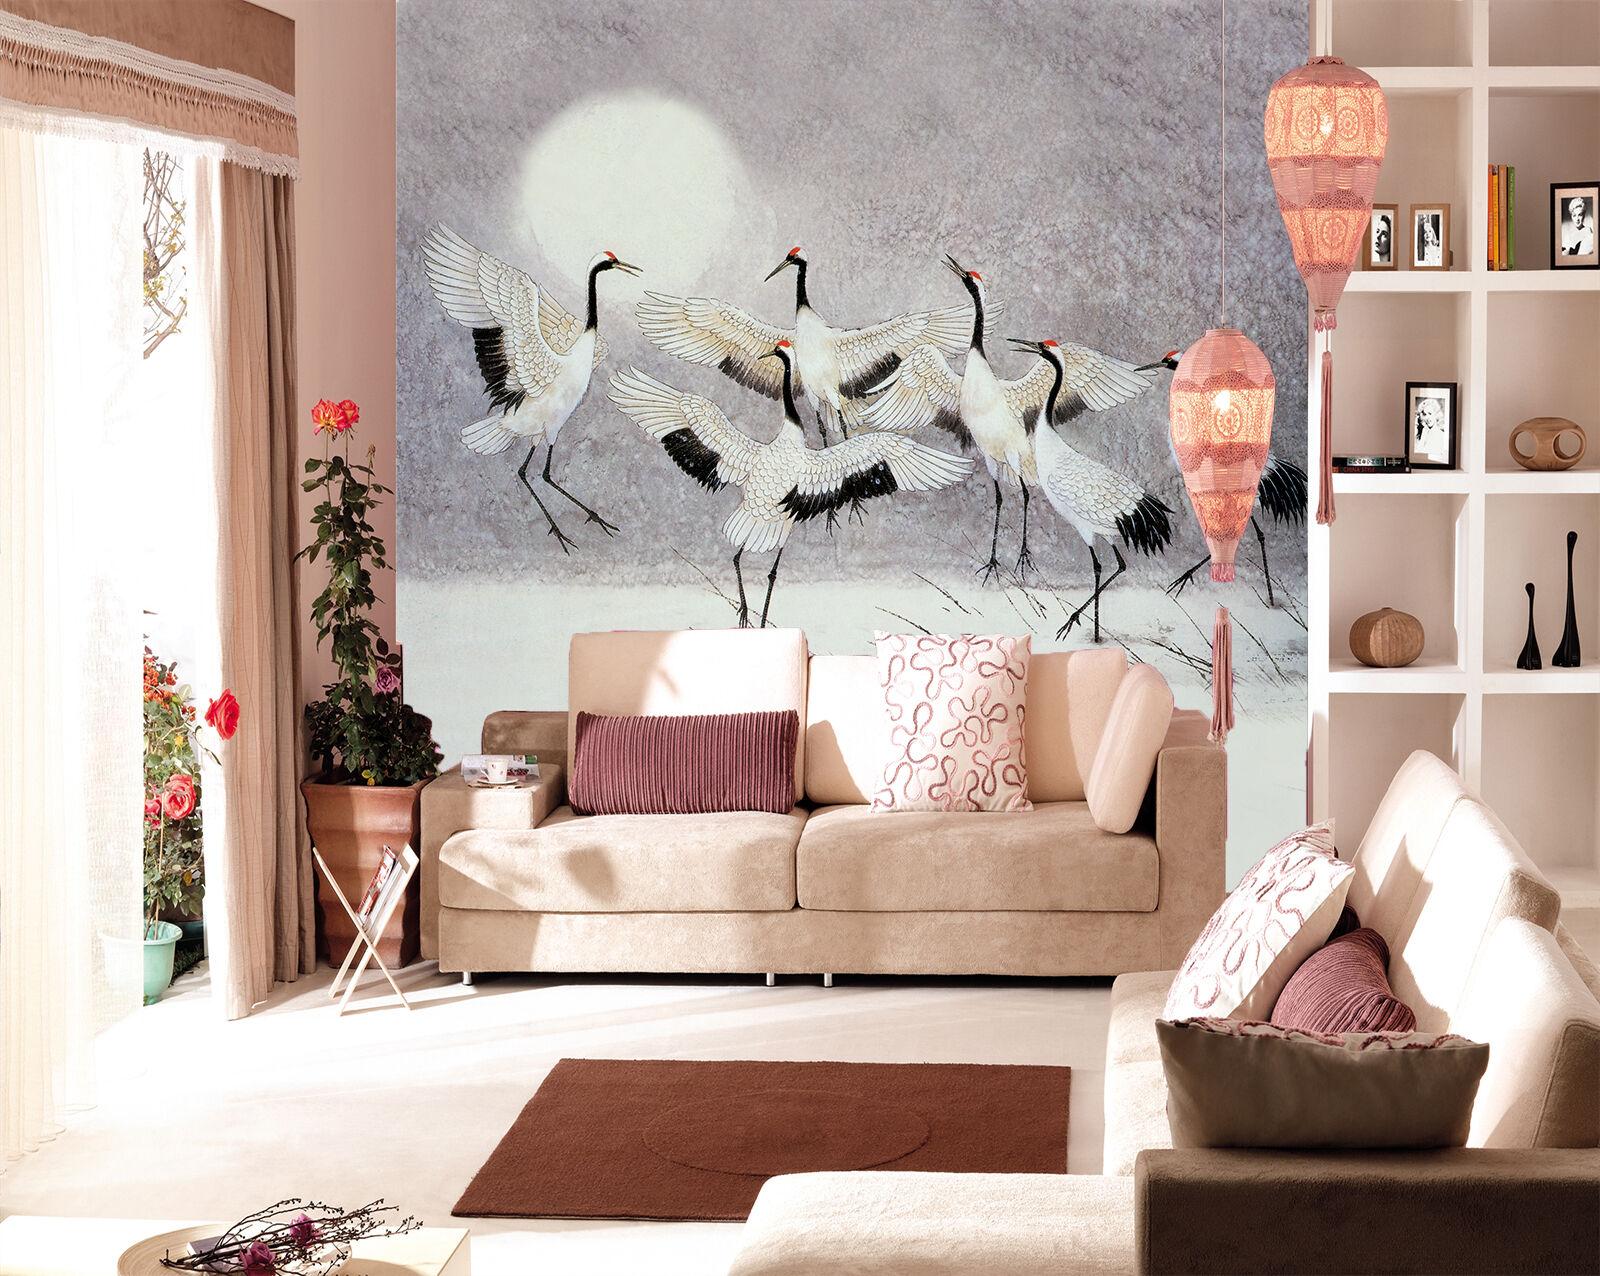 3D Full Moon Cranes 085 Wall Paper Wall Print Decal Wall Deco Wall Indoor Murals